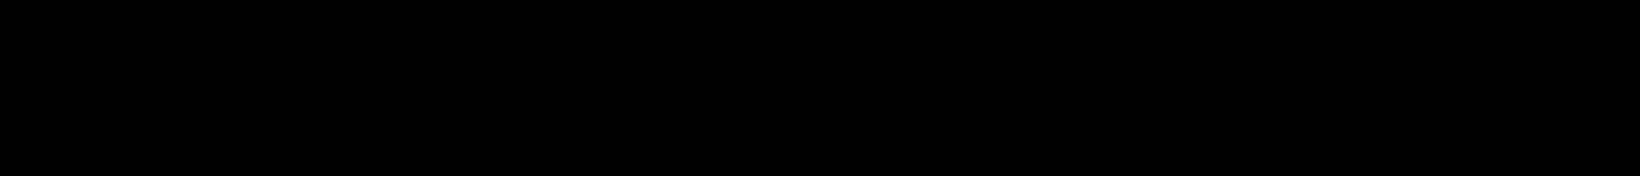 Zanarkand